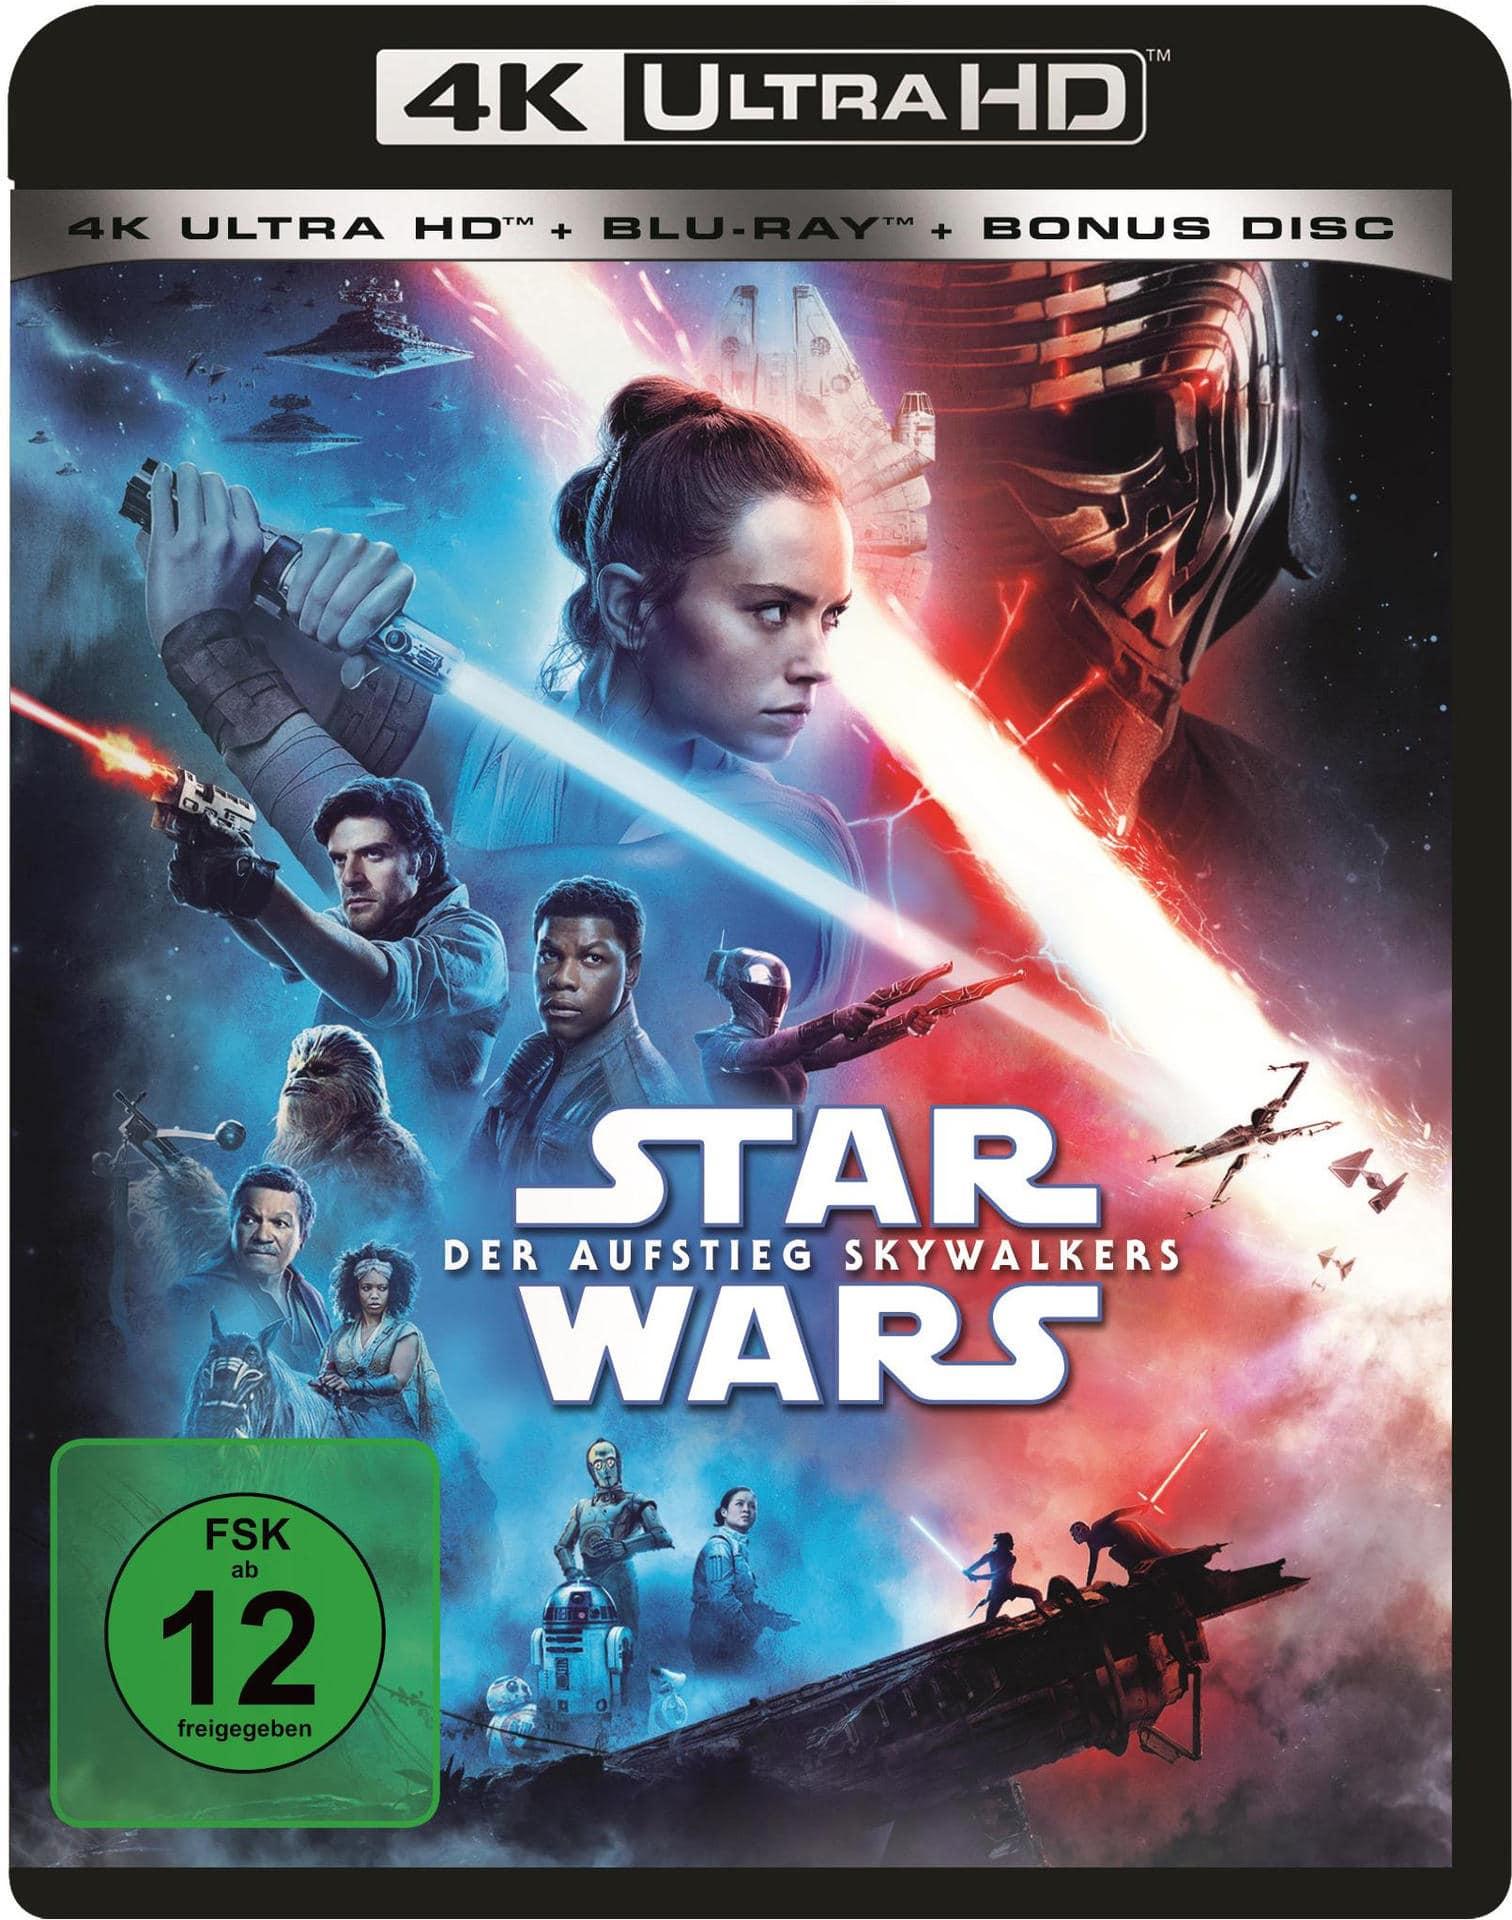 Star Wars: Der Aufstieg Skywalkers Steelbook (4K Ultra HD BLU-RAY + BLU-RAY) für 33,99 Euro